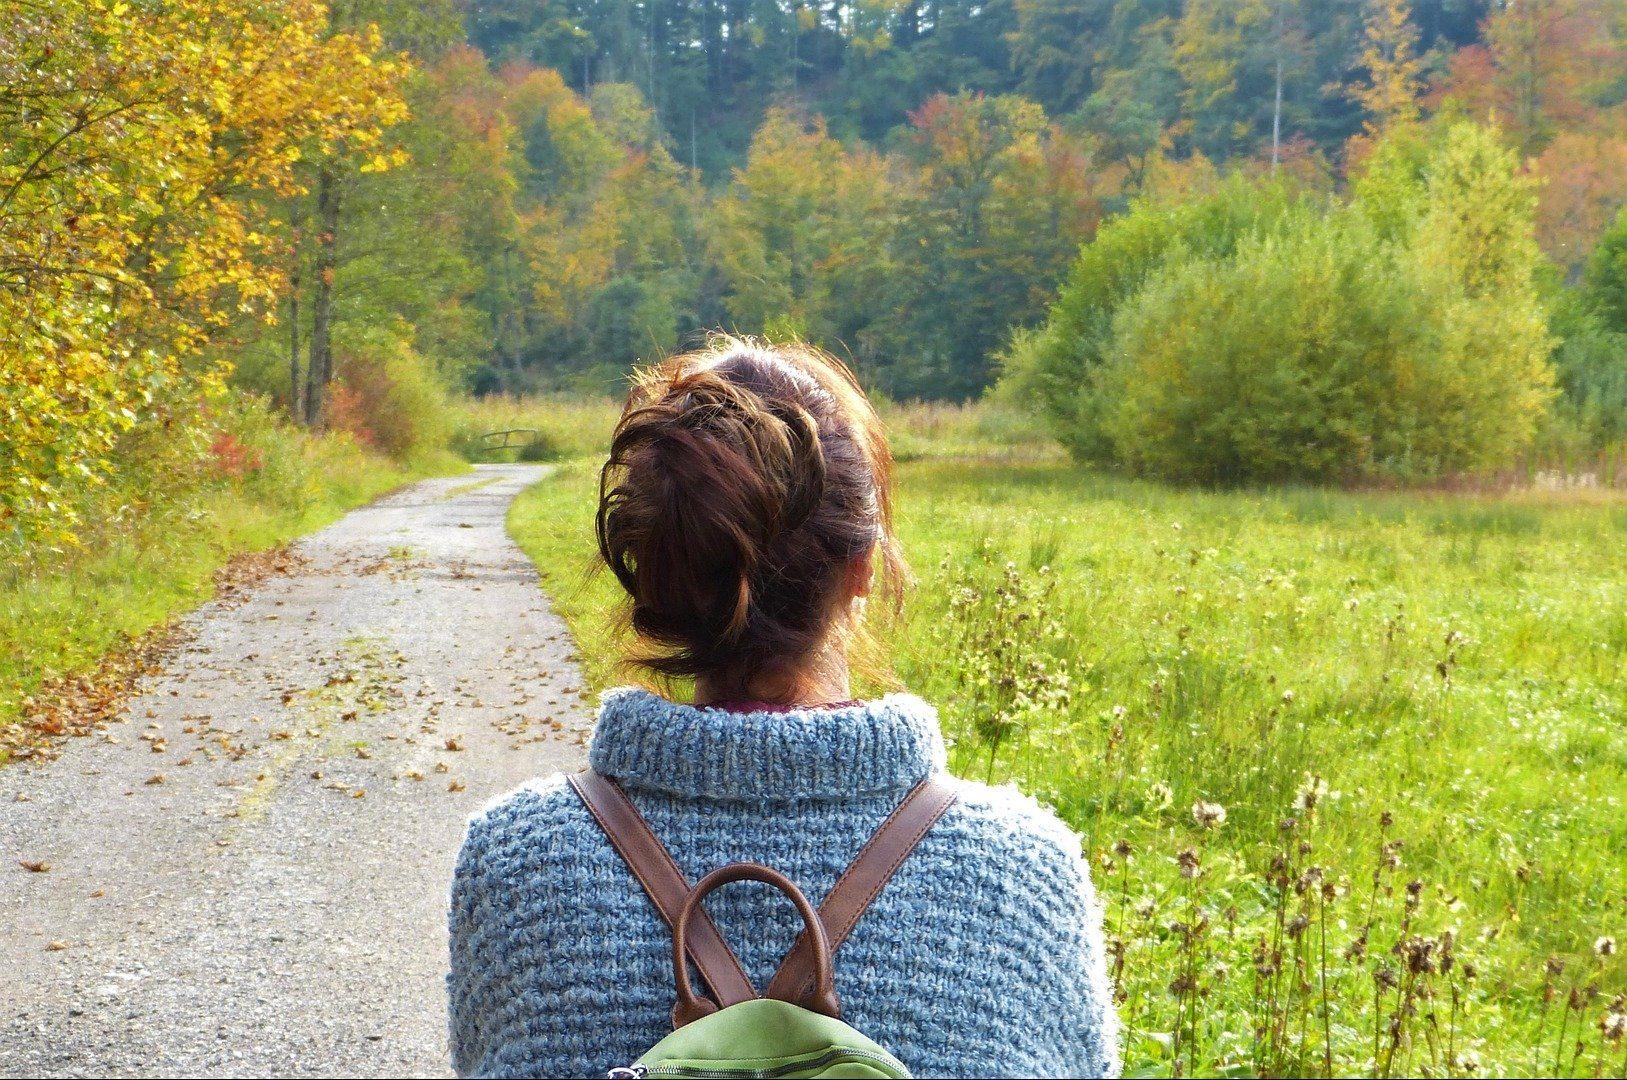 Immunsystem stärken - auch ein Waldspaziergang tut gut